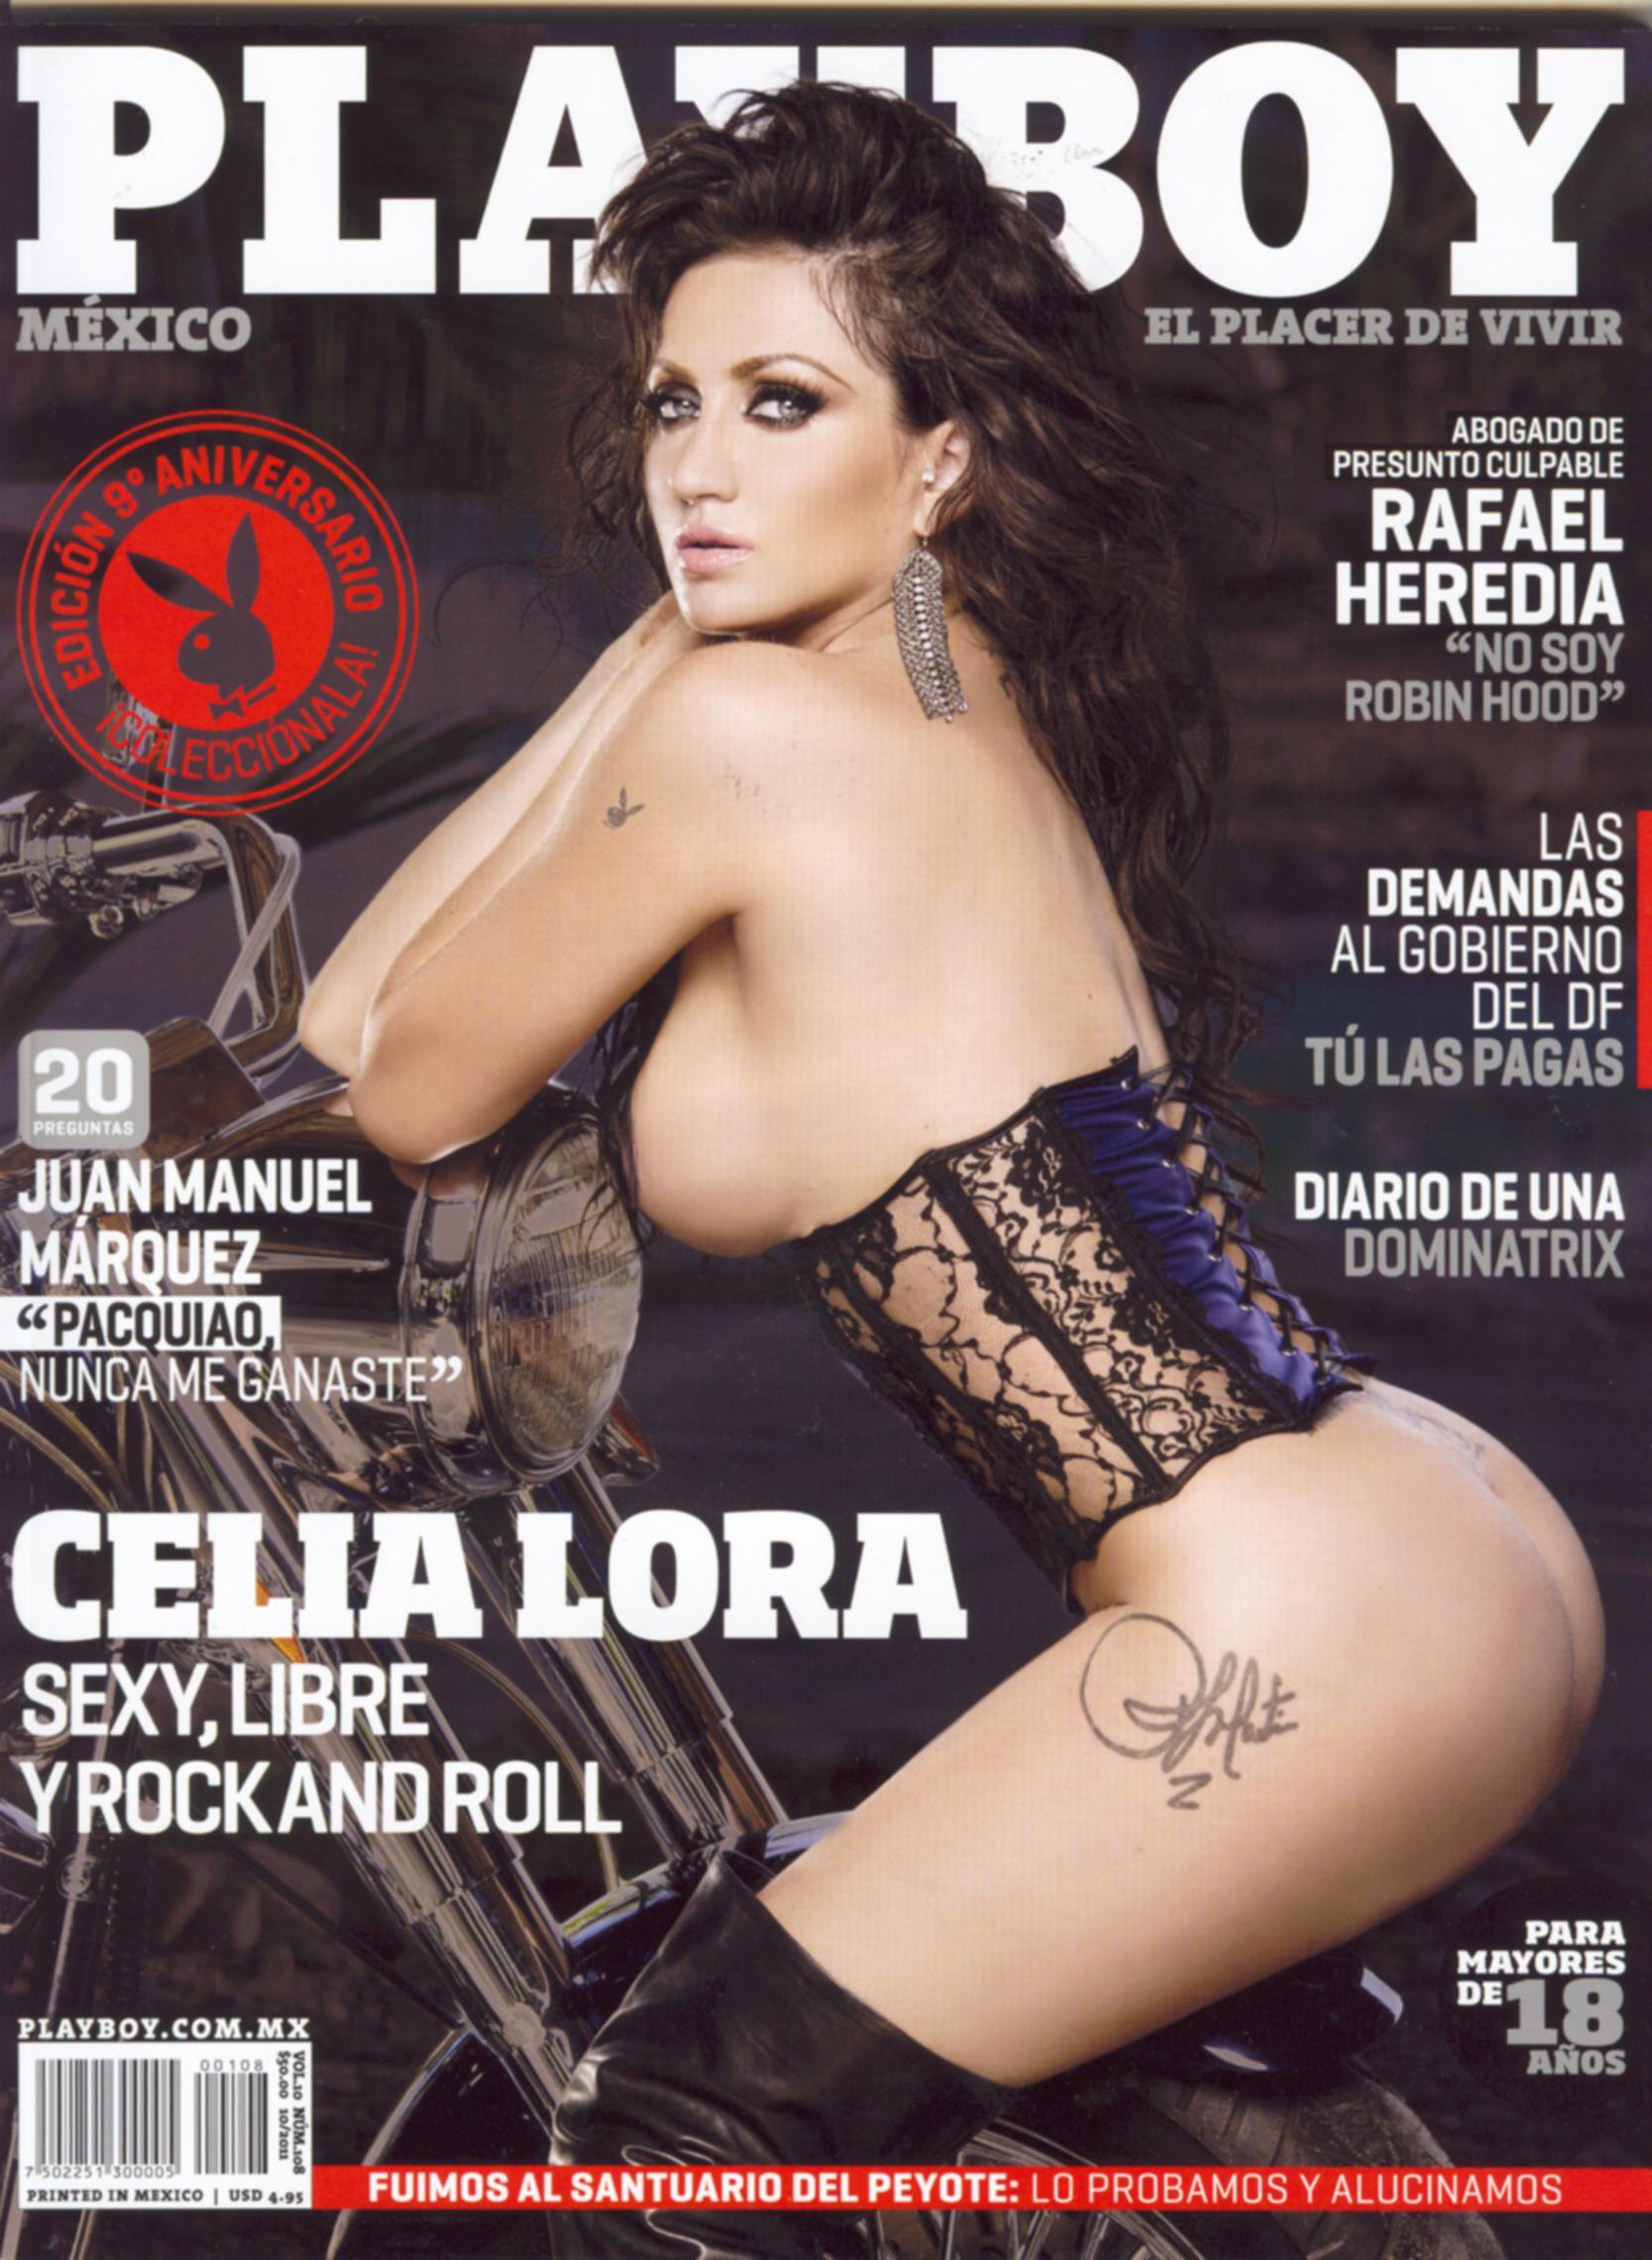 Celia Lora se desnuda para Playboy